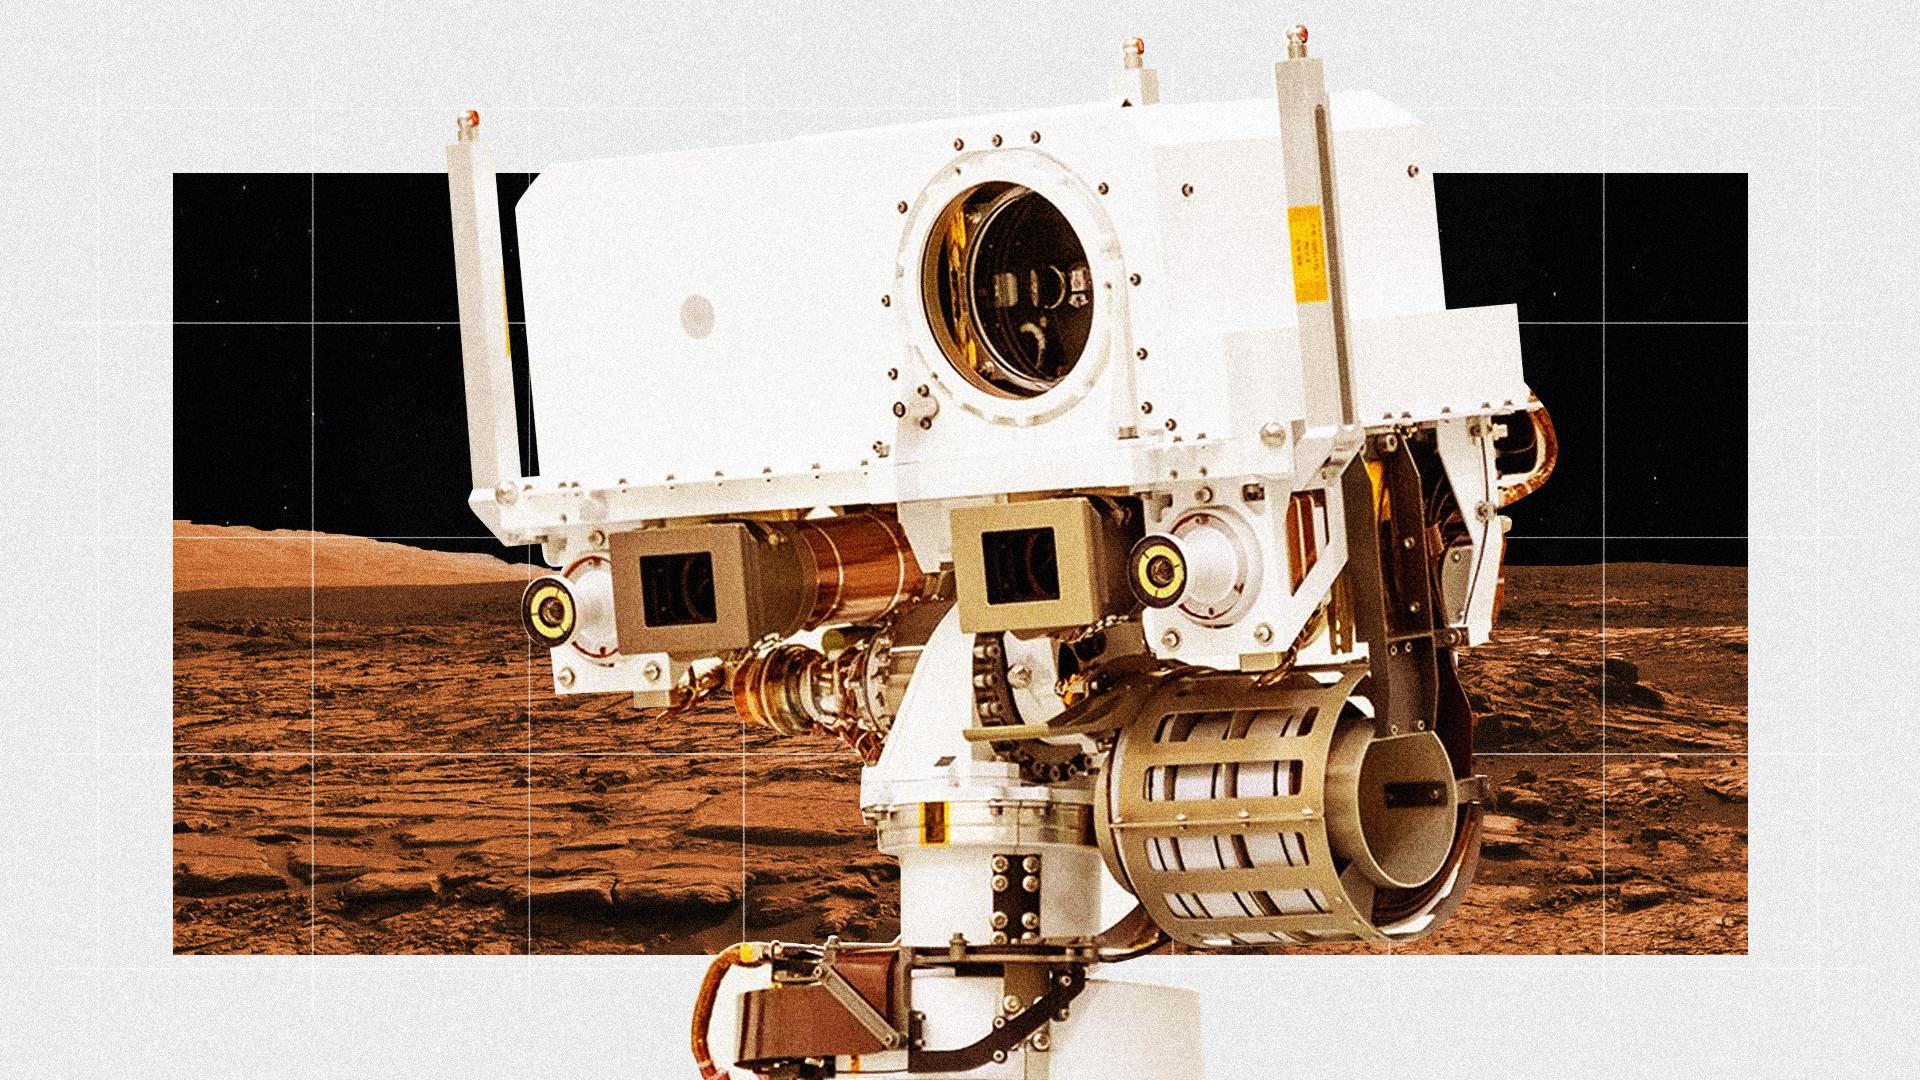 Danmark spiller afgørende rolle i ny Nasa-mission: Her er fire danske teknologier på vej til Mars